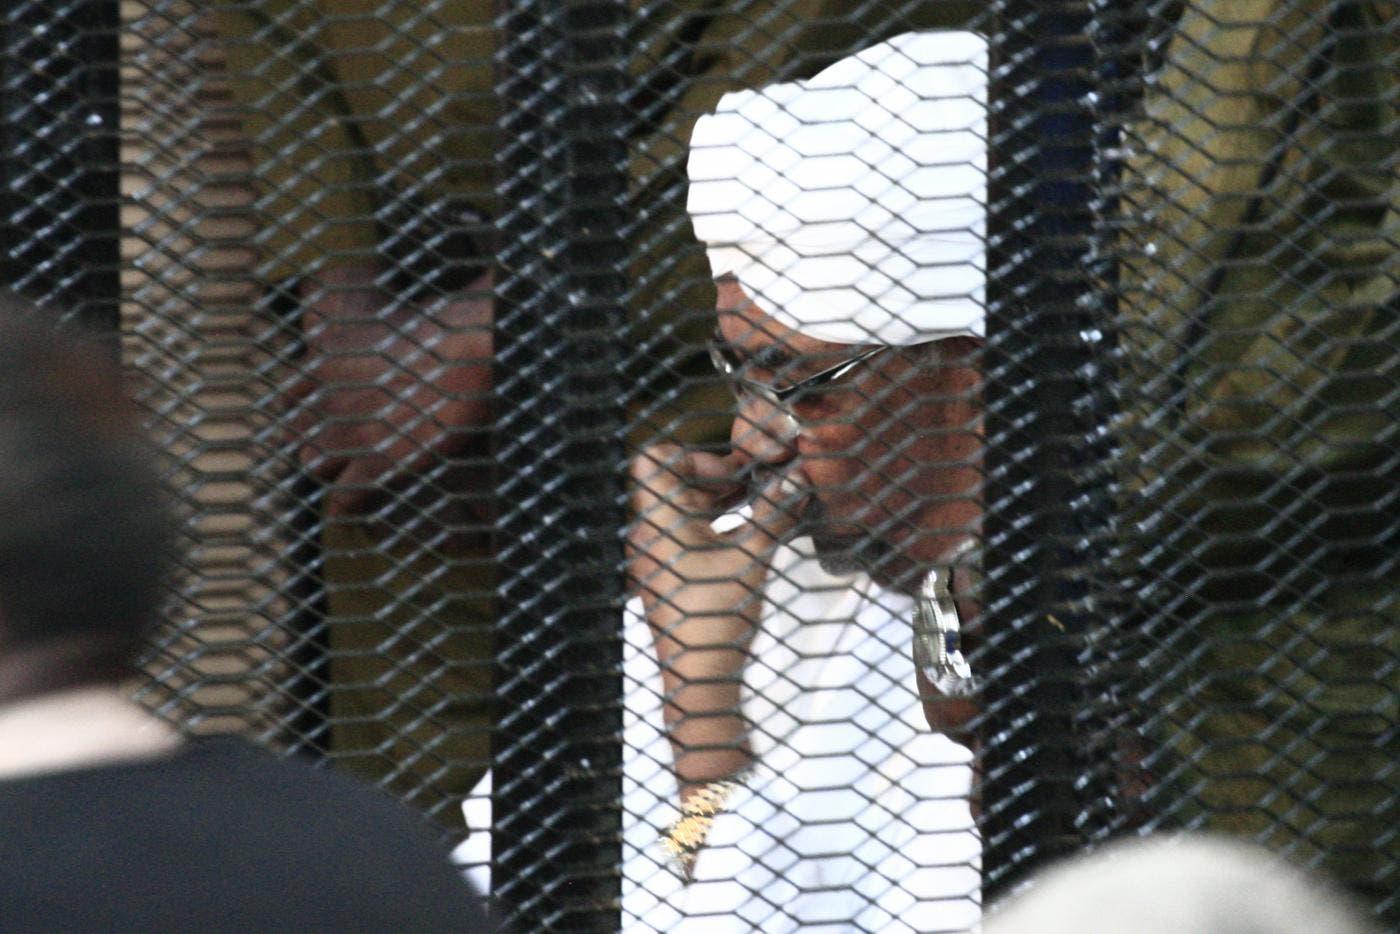 SUDAN oo ogolaatay in Al-Bashiir loo gacan geliyo maxkamadda ICC